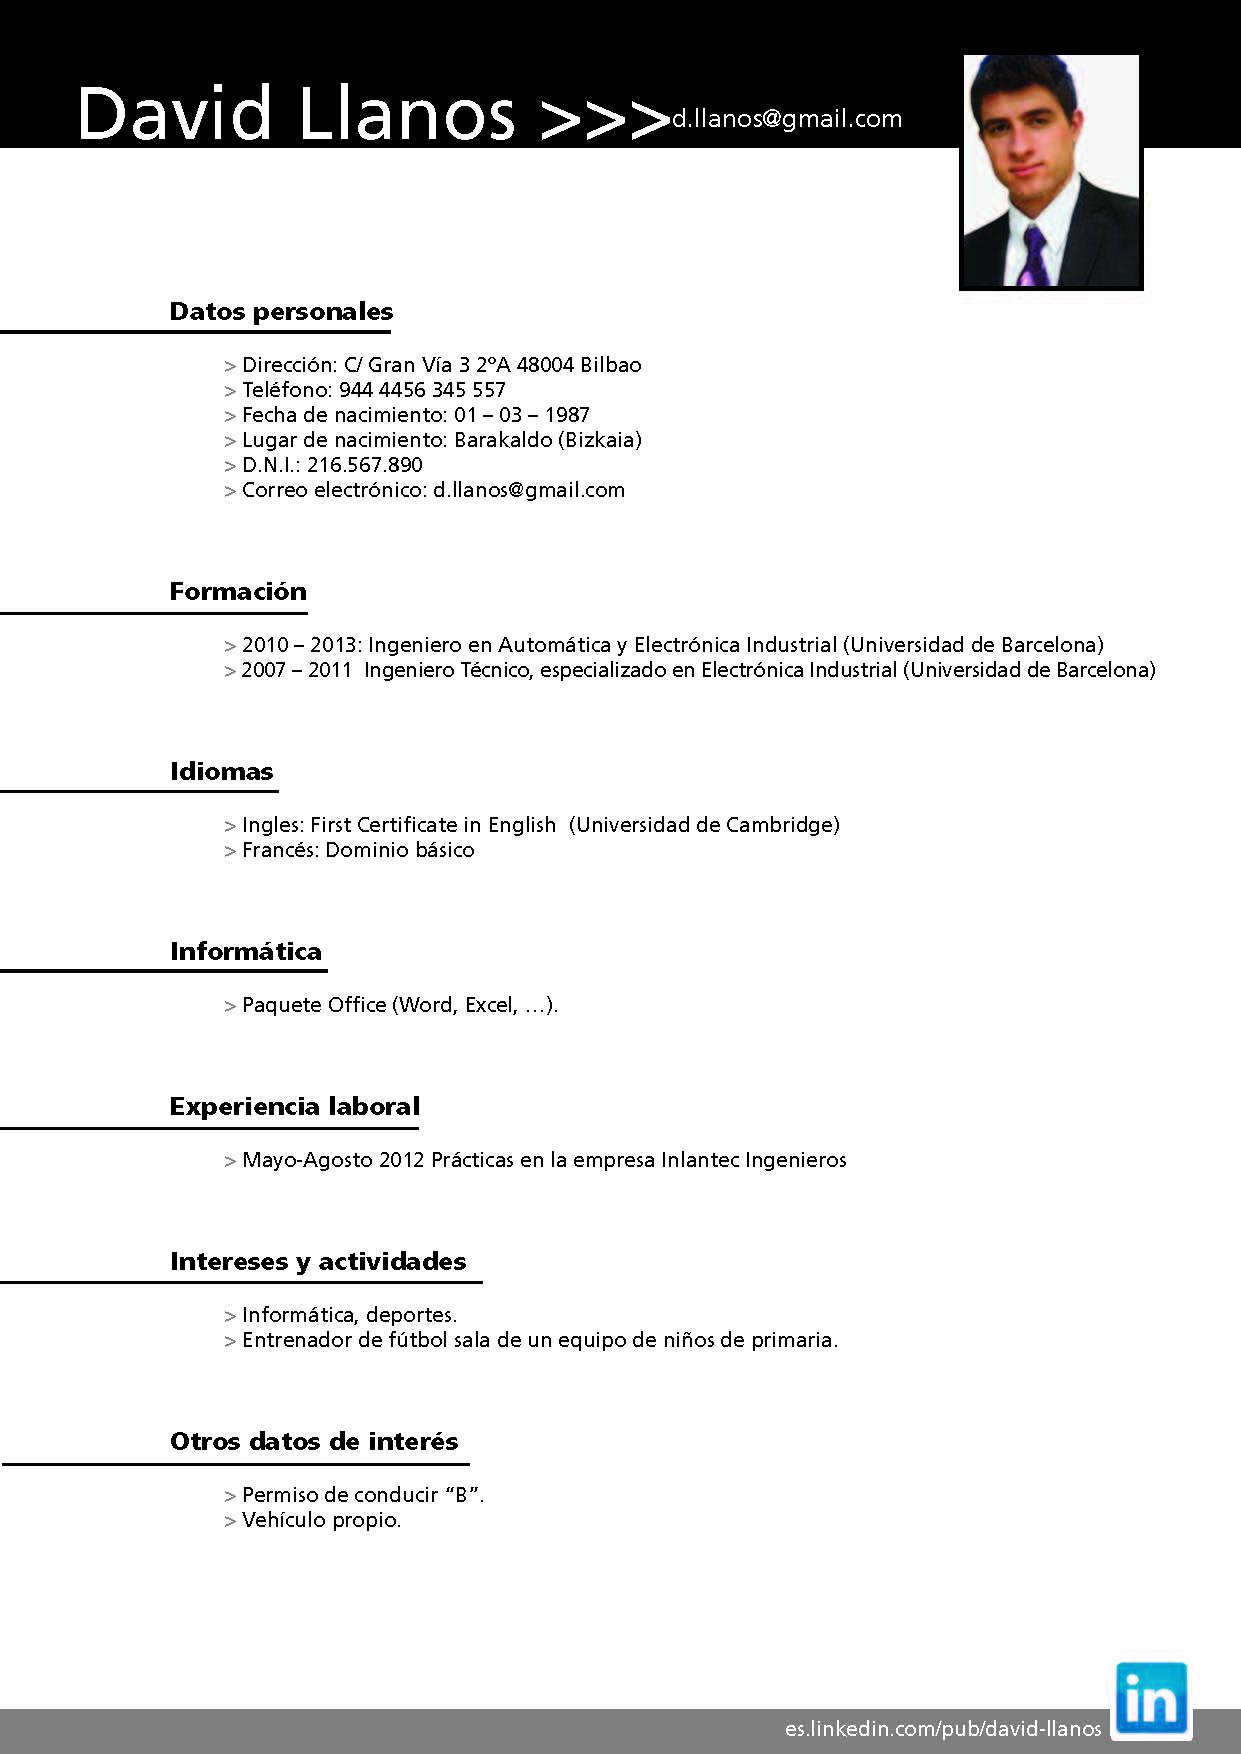 Curriculum vitae para entrenador futbol. blog.rieju.es